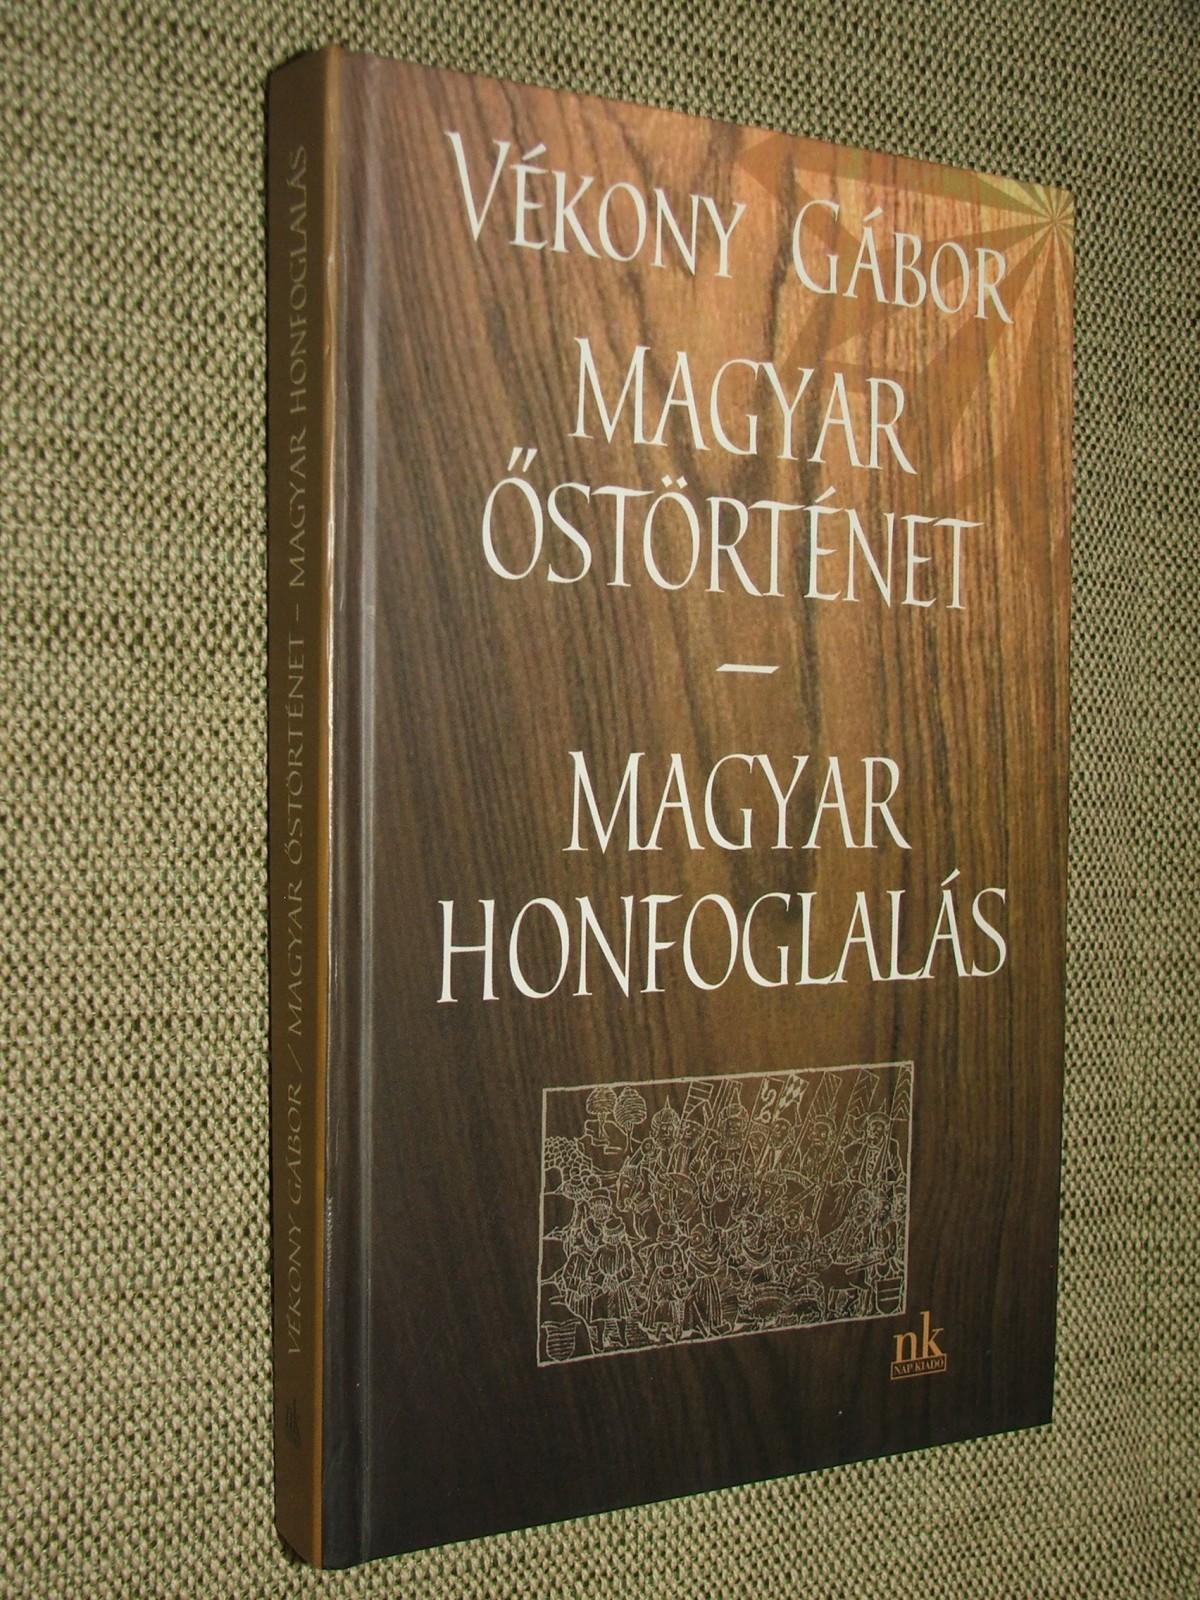 VÉKONY Gábor: Magyar őstörténet – Magyar honfoglalás